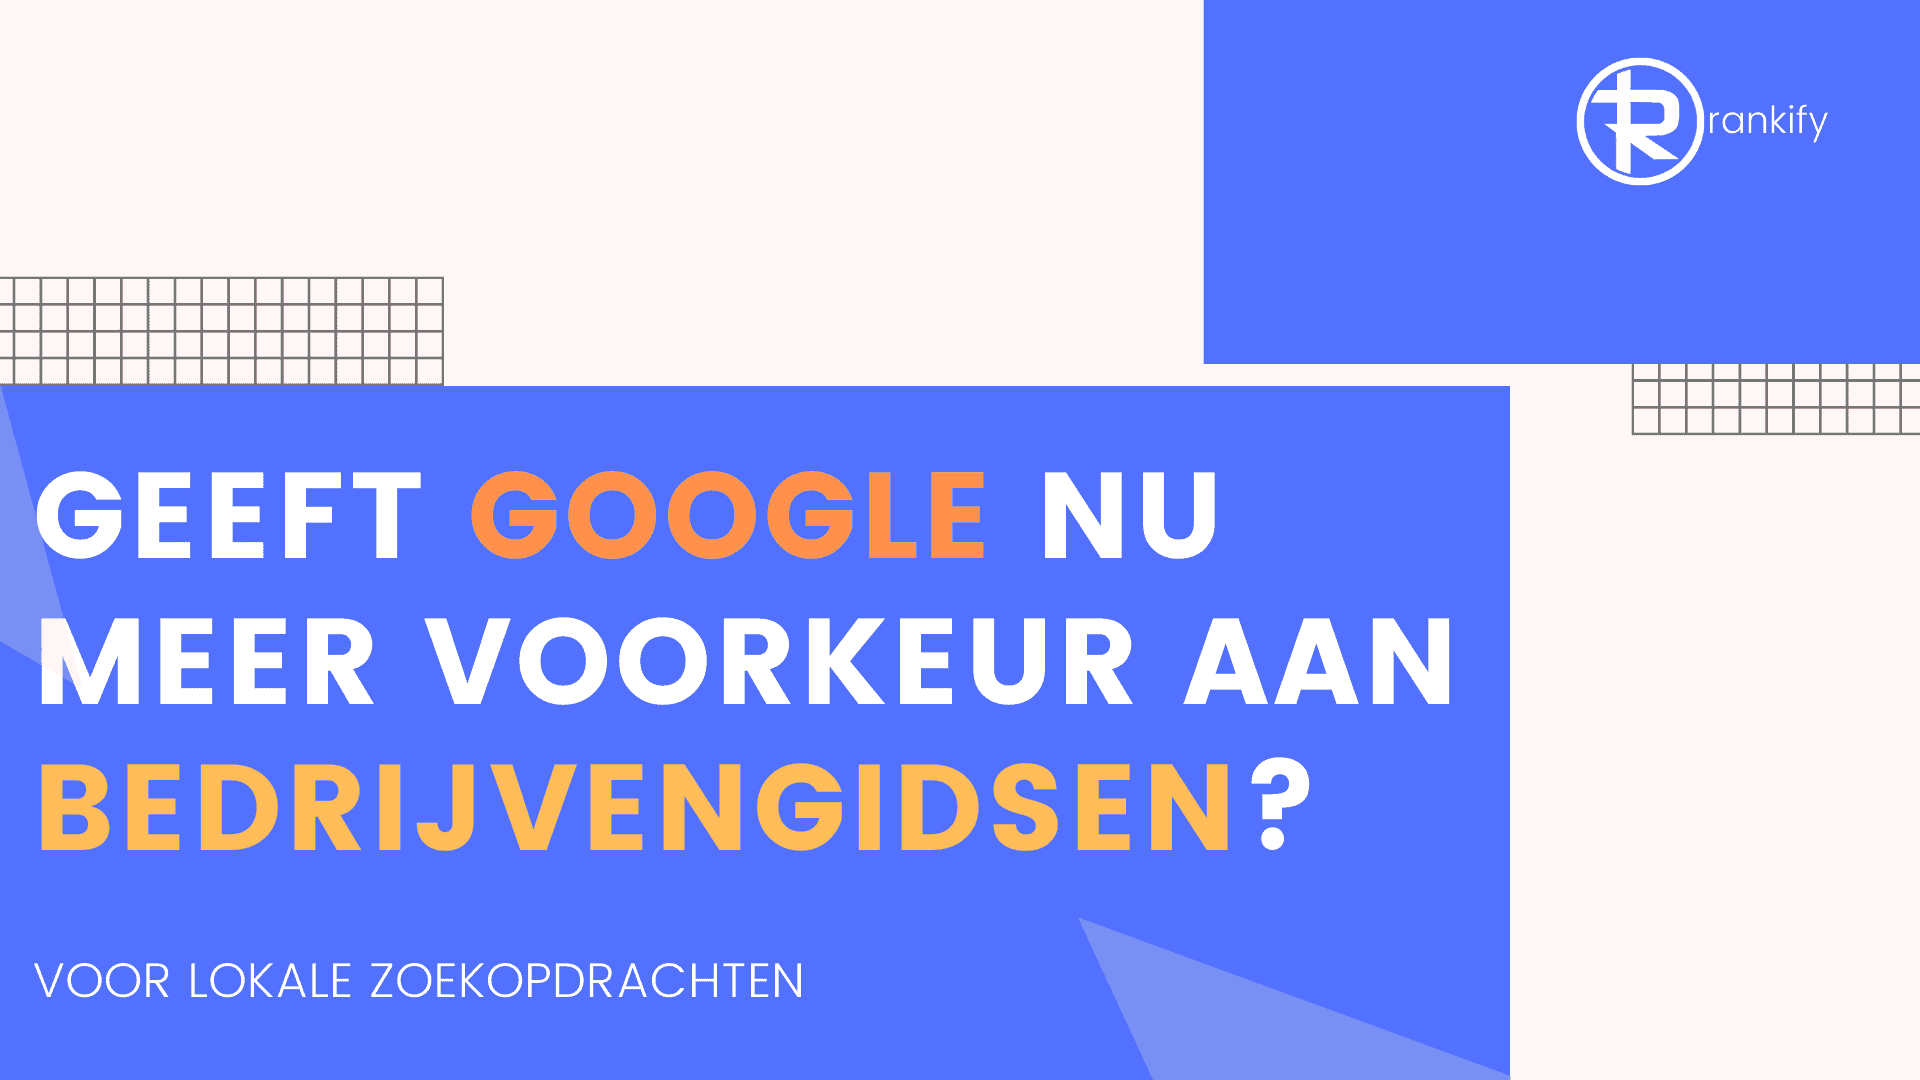 bedrijvengidsen lijken te winnen in google